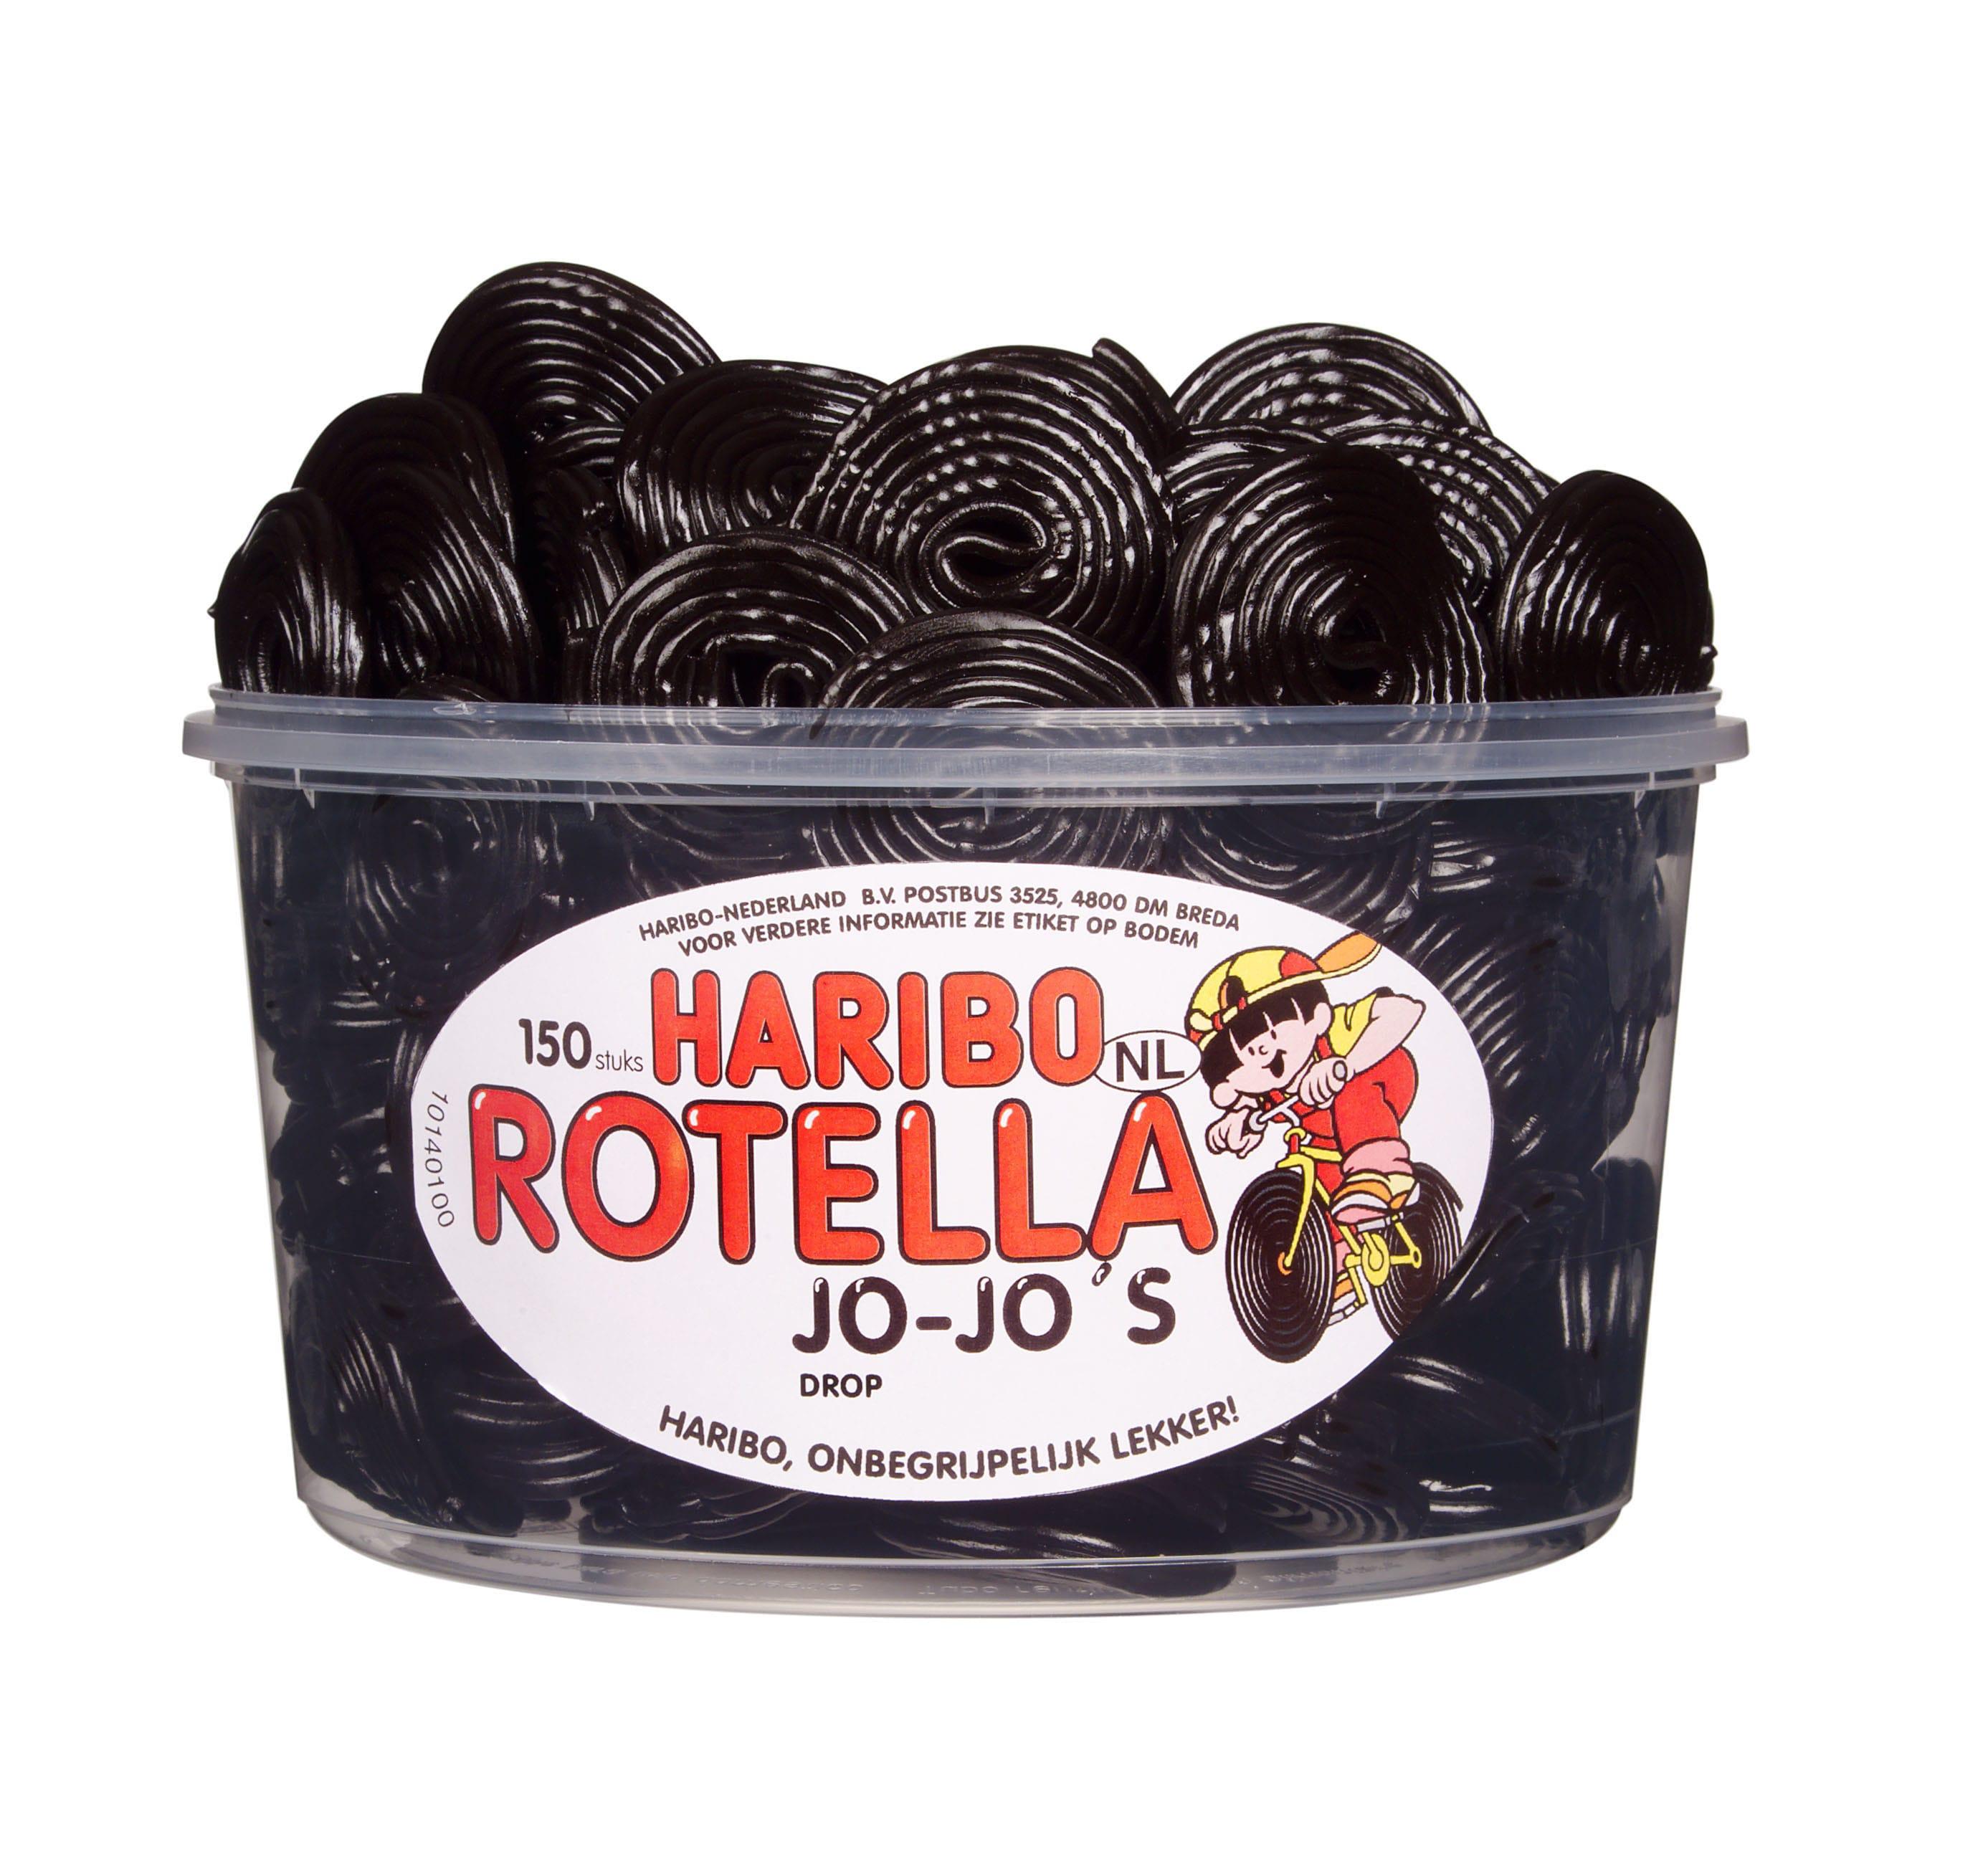 Haribo | Rotella Jo-Jo's | 150 stuks